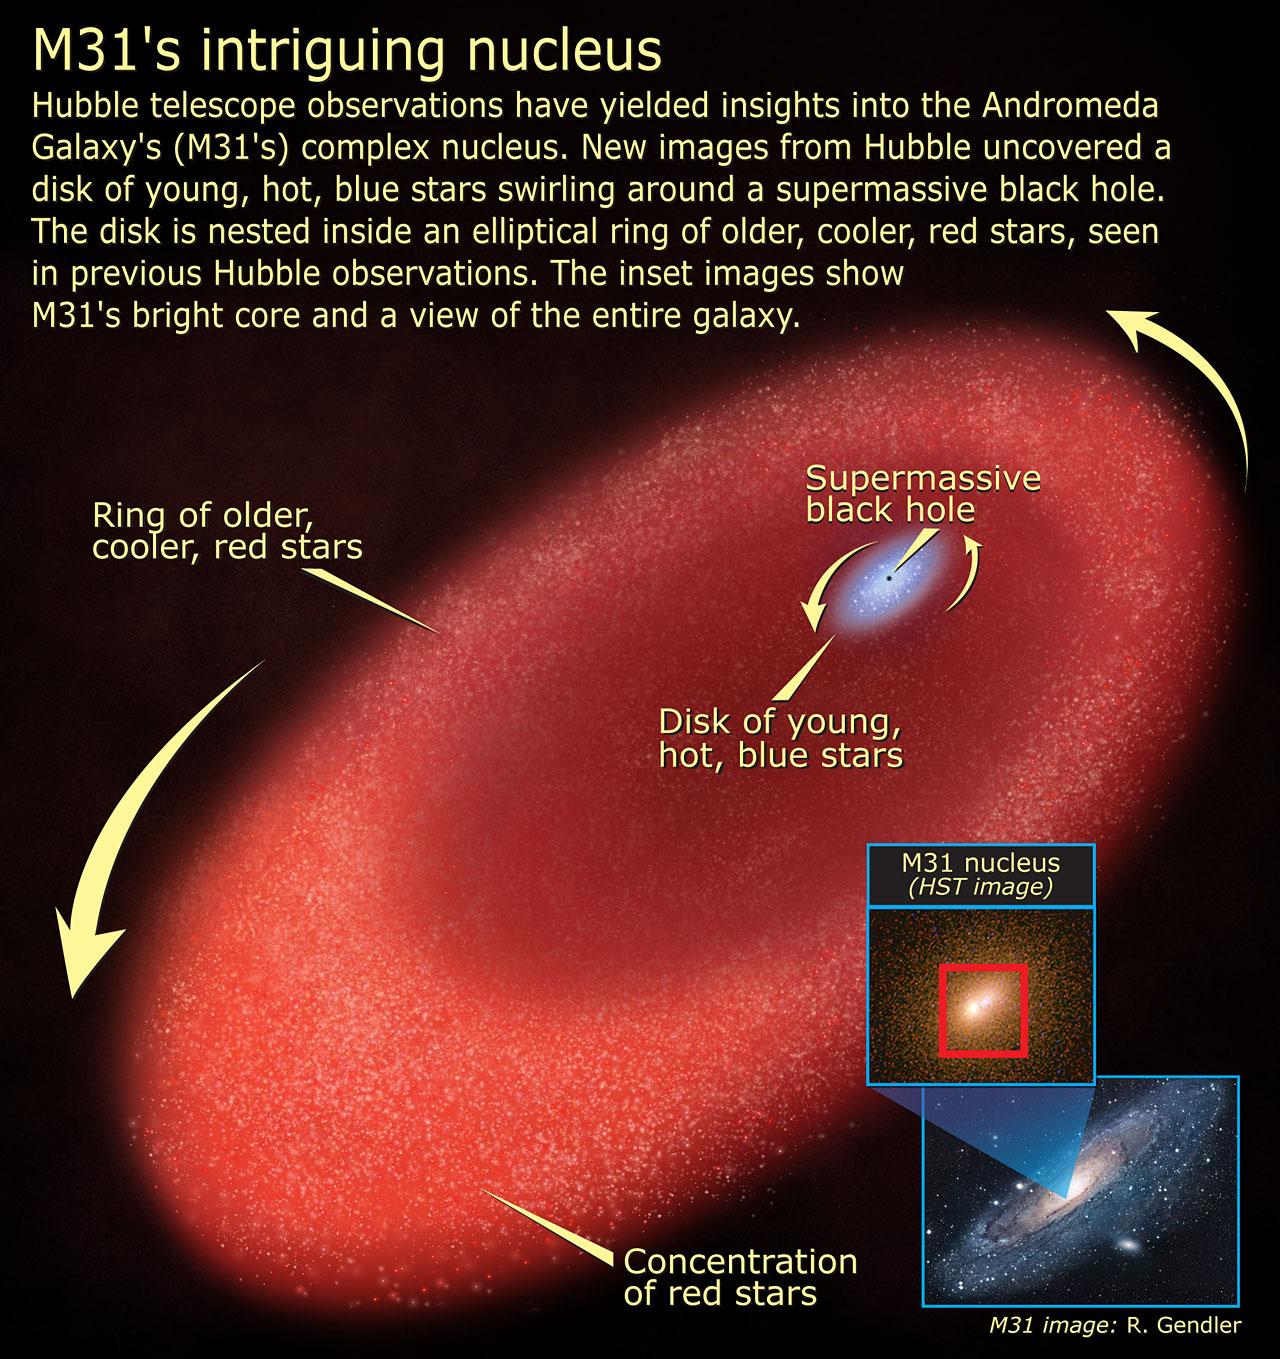 M31's intriguing nucleus